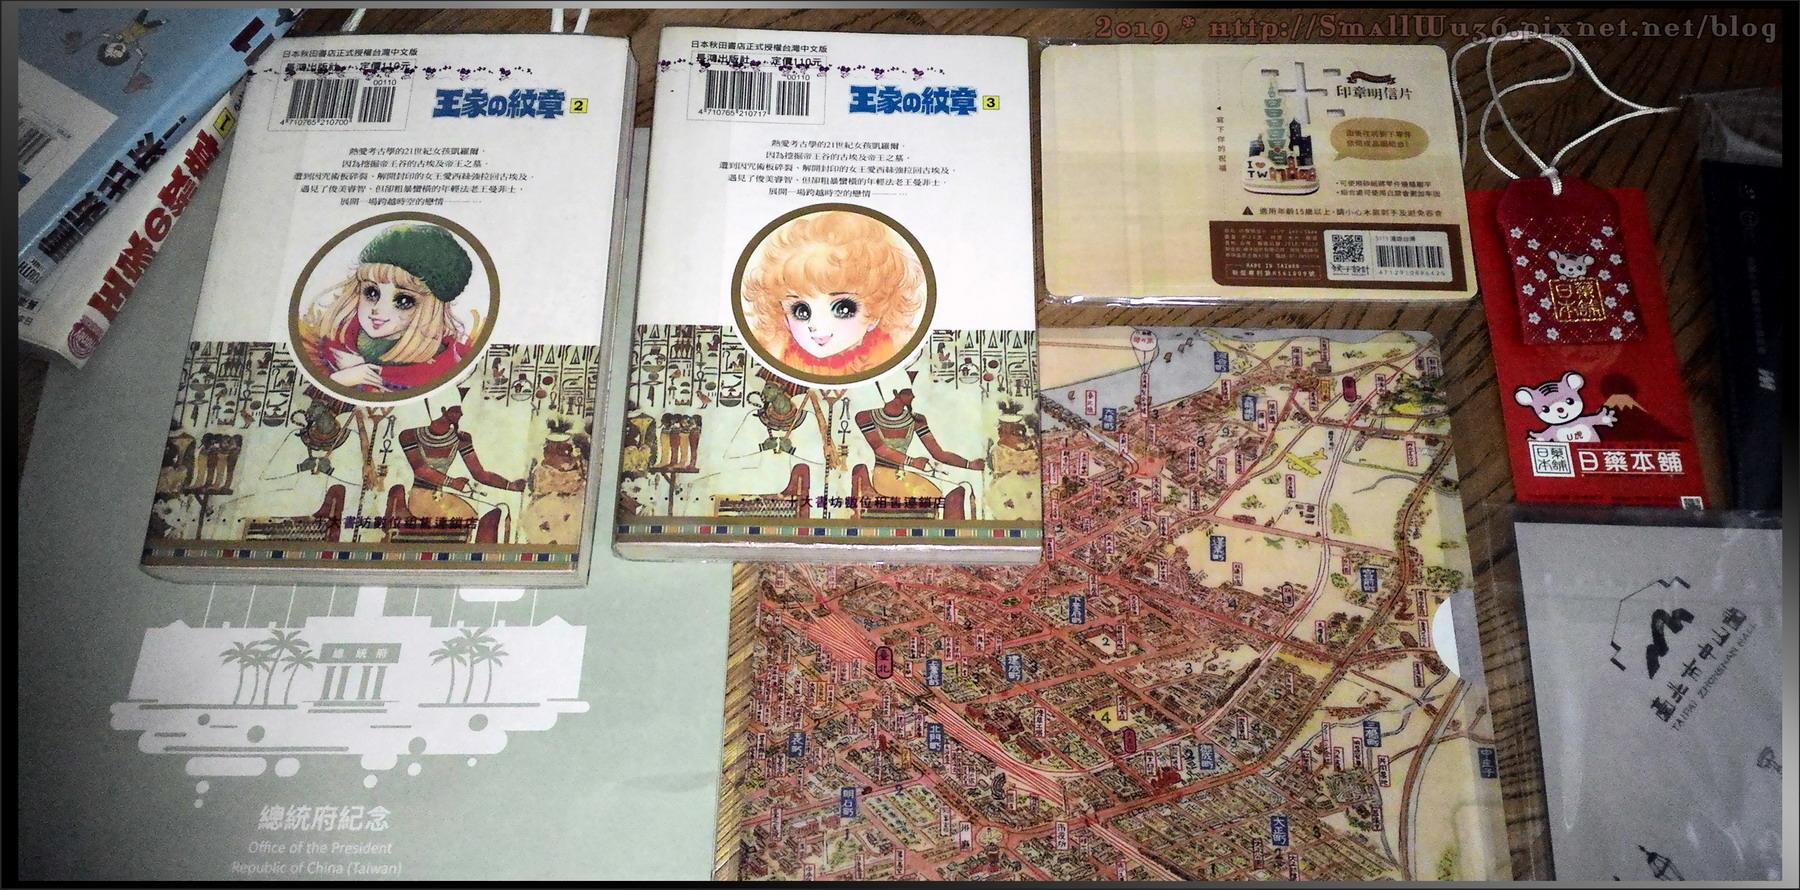 細川智榮子-王家的紋章(尼羅河女兒)1-3(長鴻) -.jpg